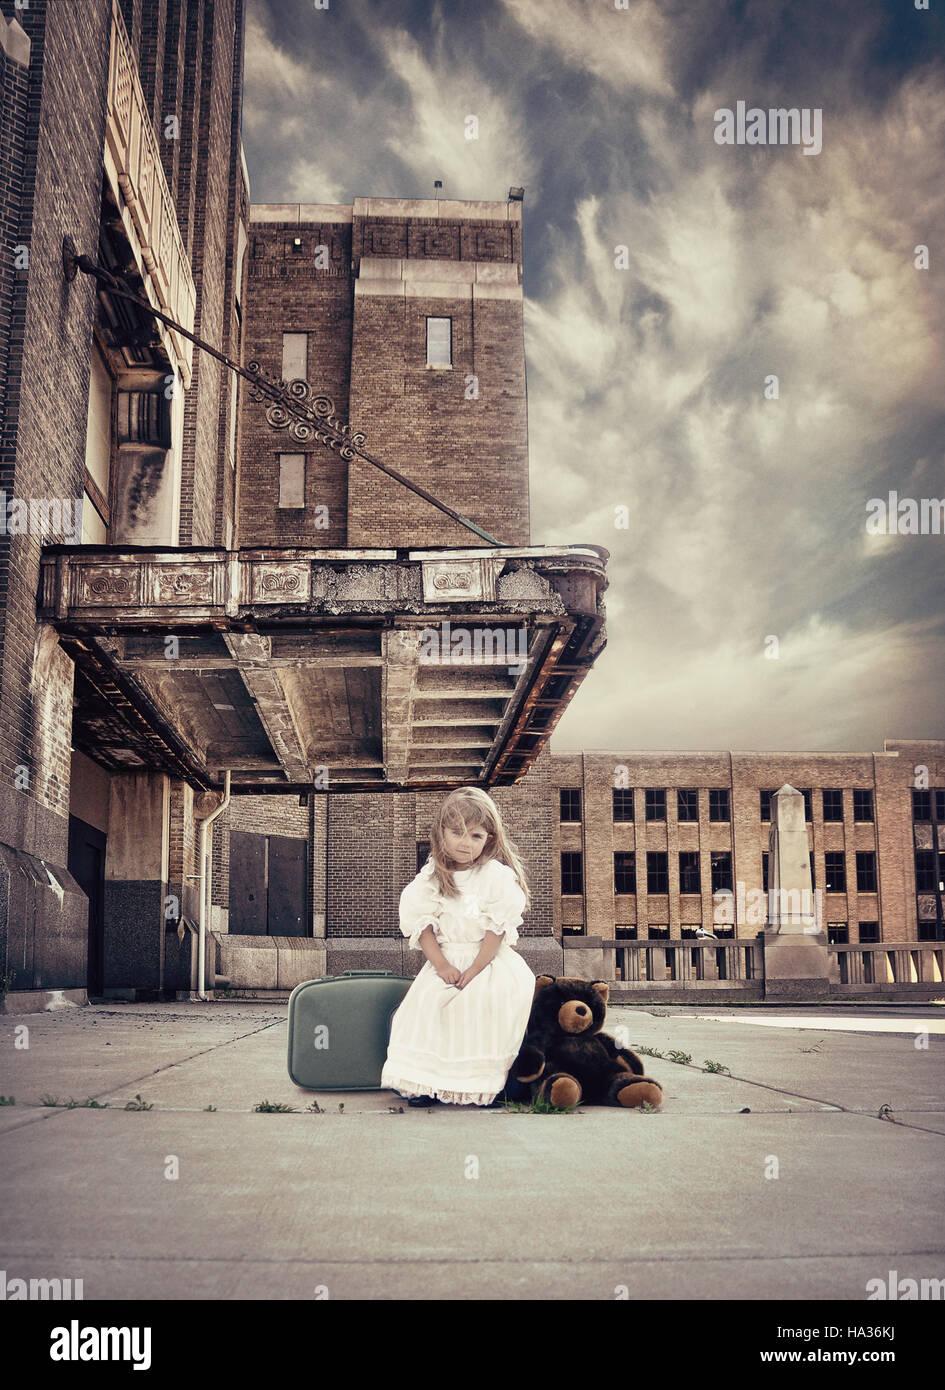 Un bambino è seduta su una valigia di viaggio da un vecchio edificio con Teddy bear accanto a lei per ottenere Immagini Stock